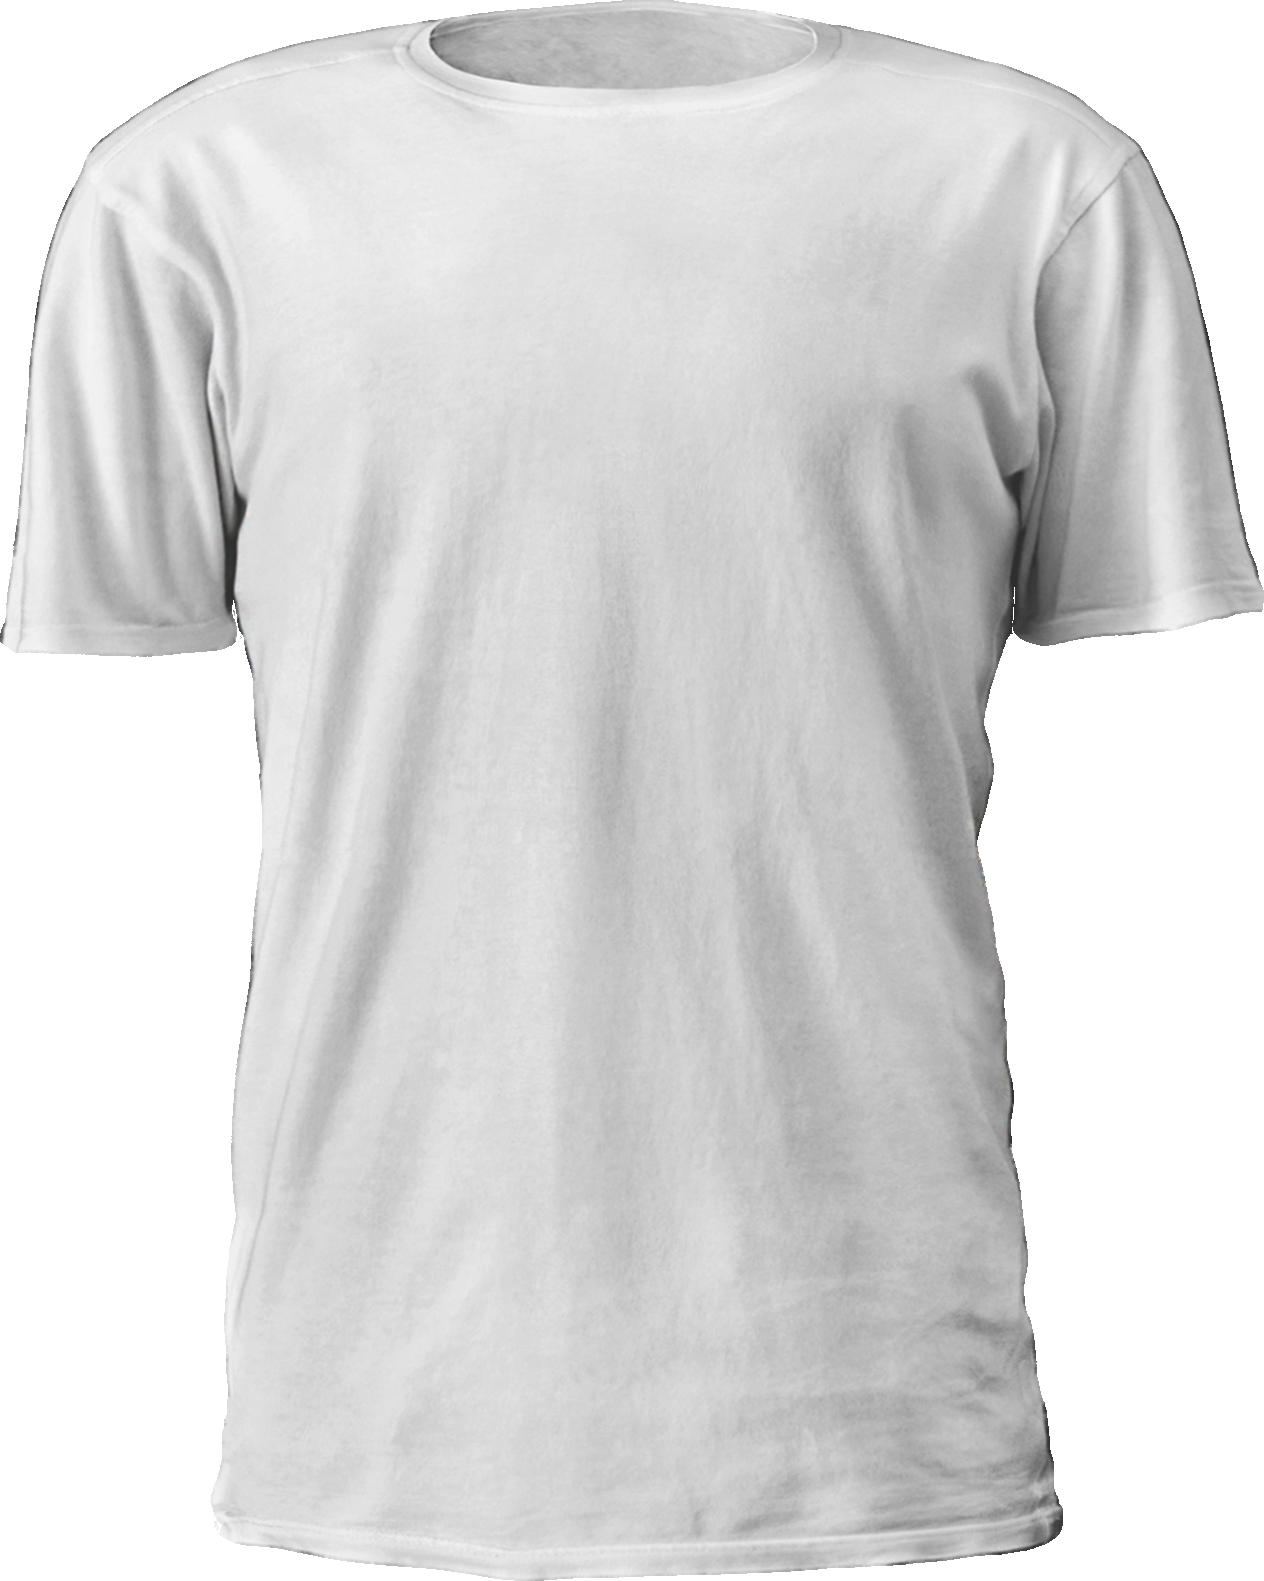 Tshirt PNG - 13338